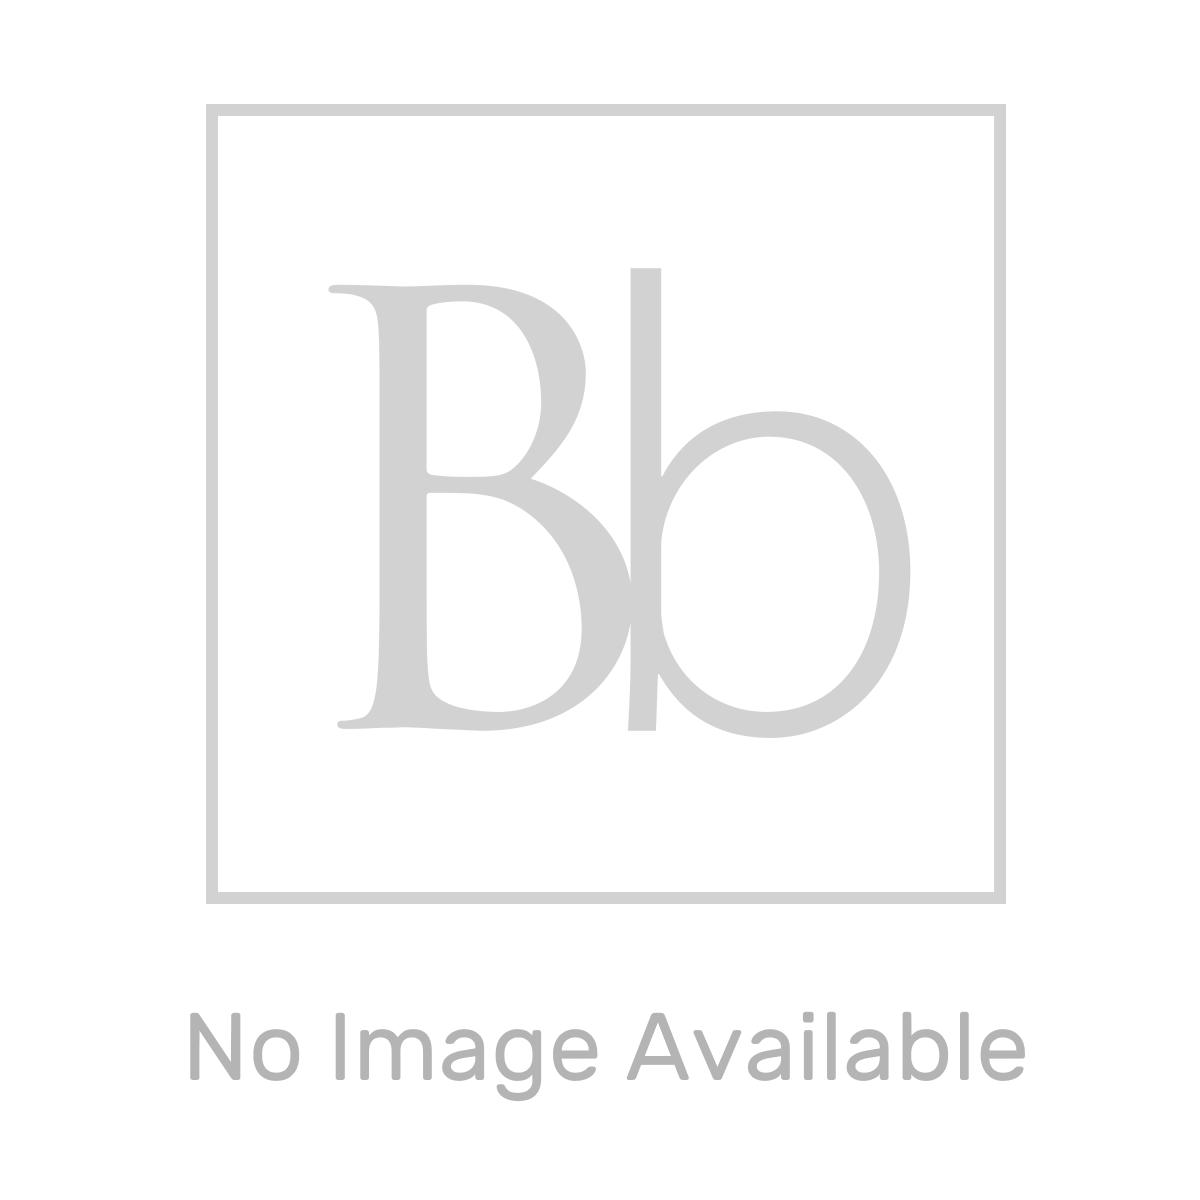 Frontline Linear Black Single Concealed Shower Valve with Diverter